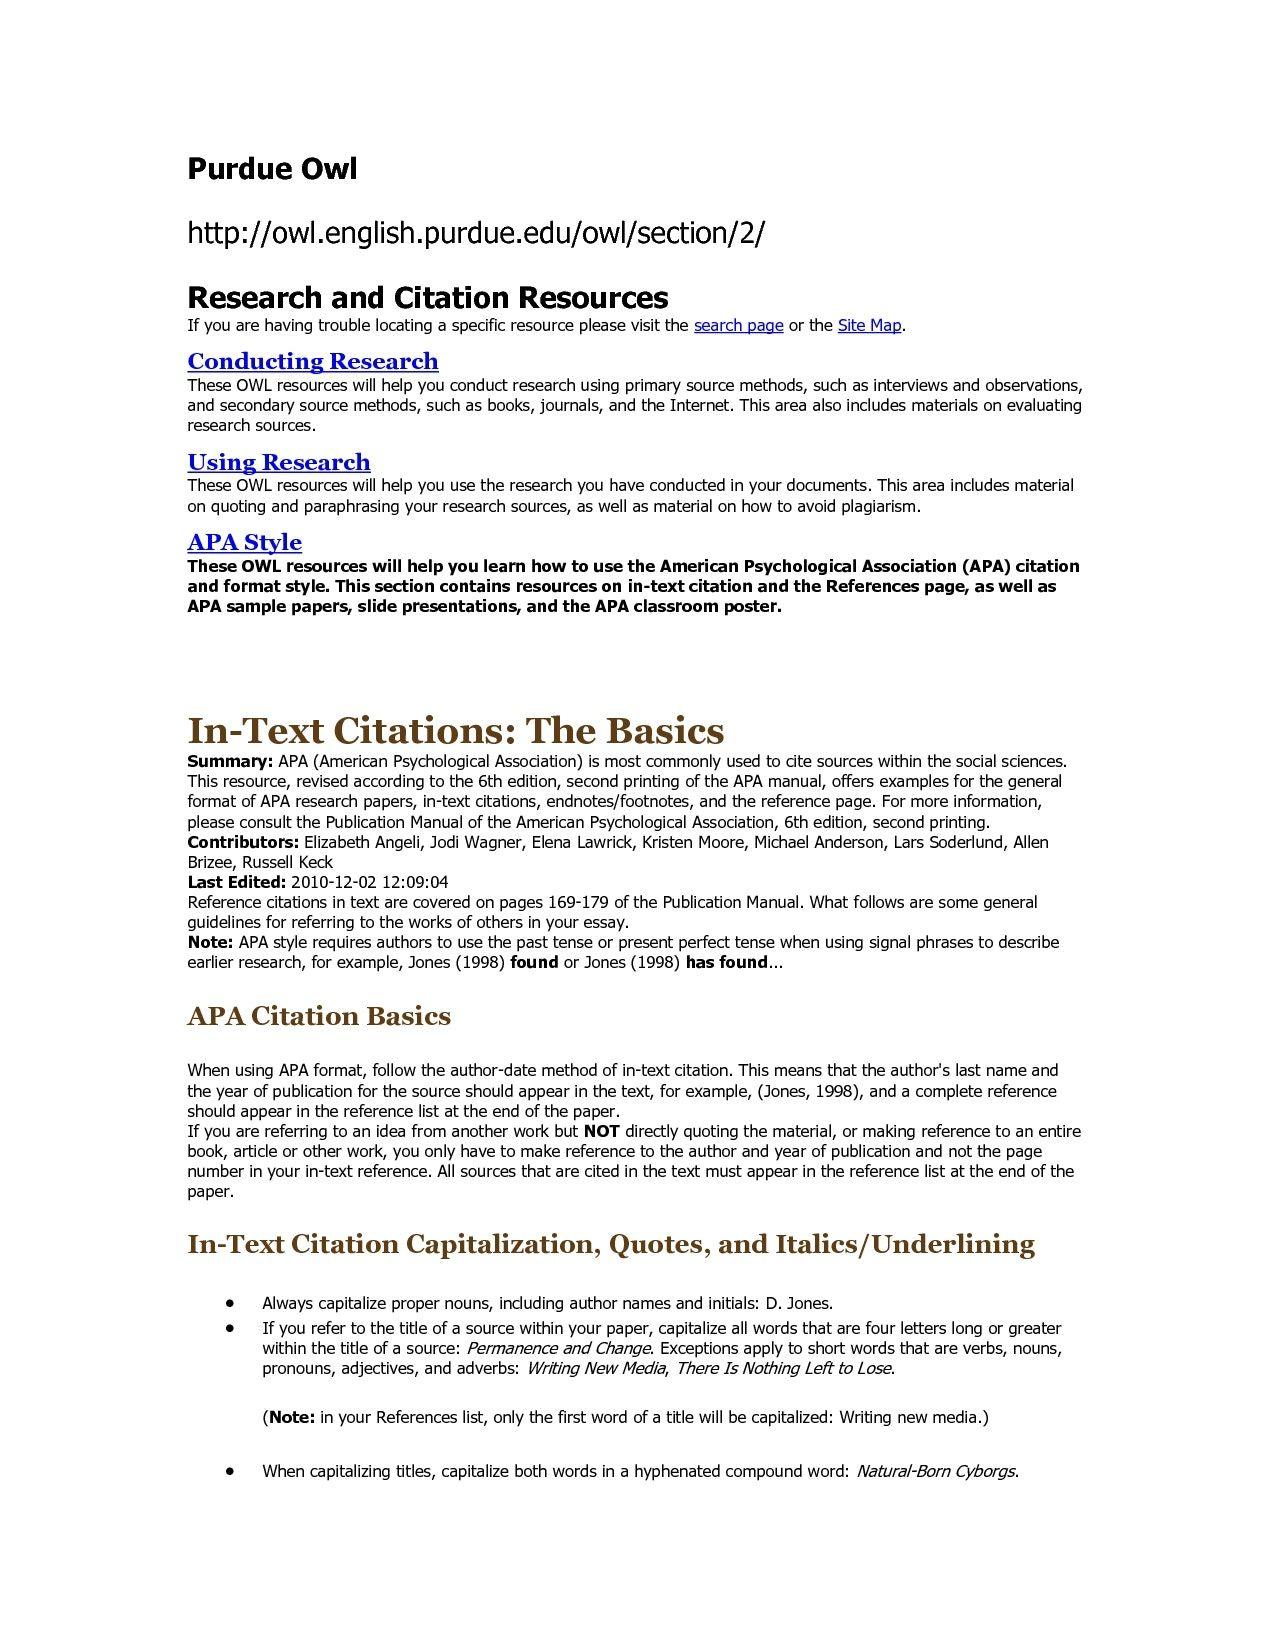 Cover Letter Template Owl CoverLetterTemplate